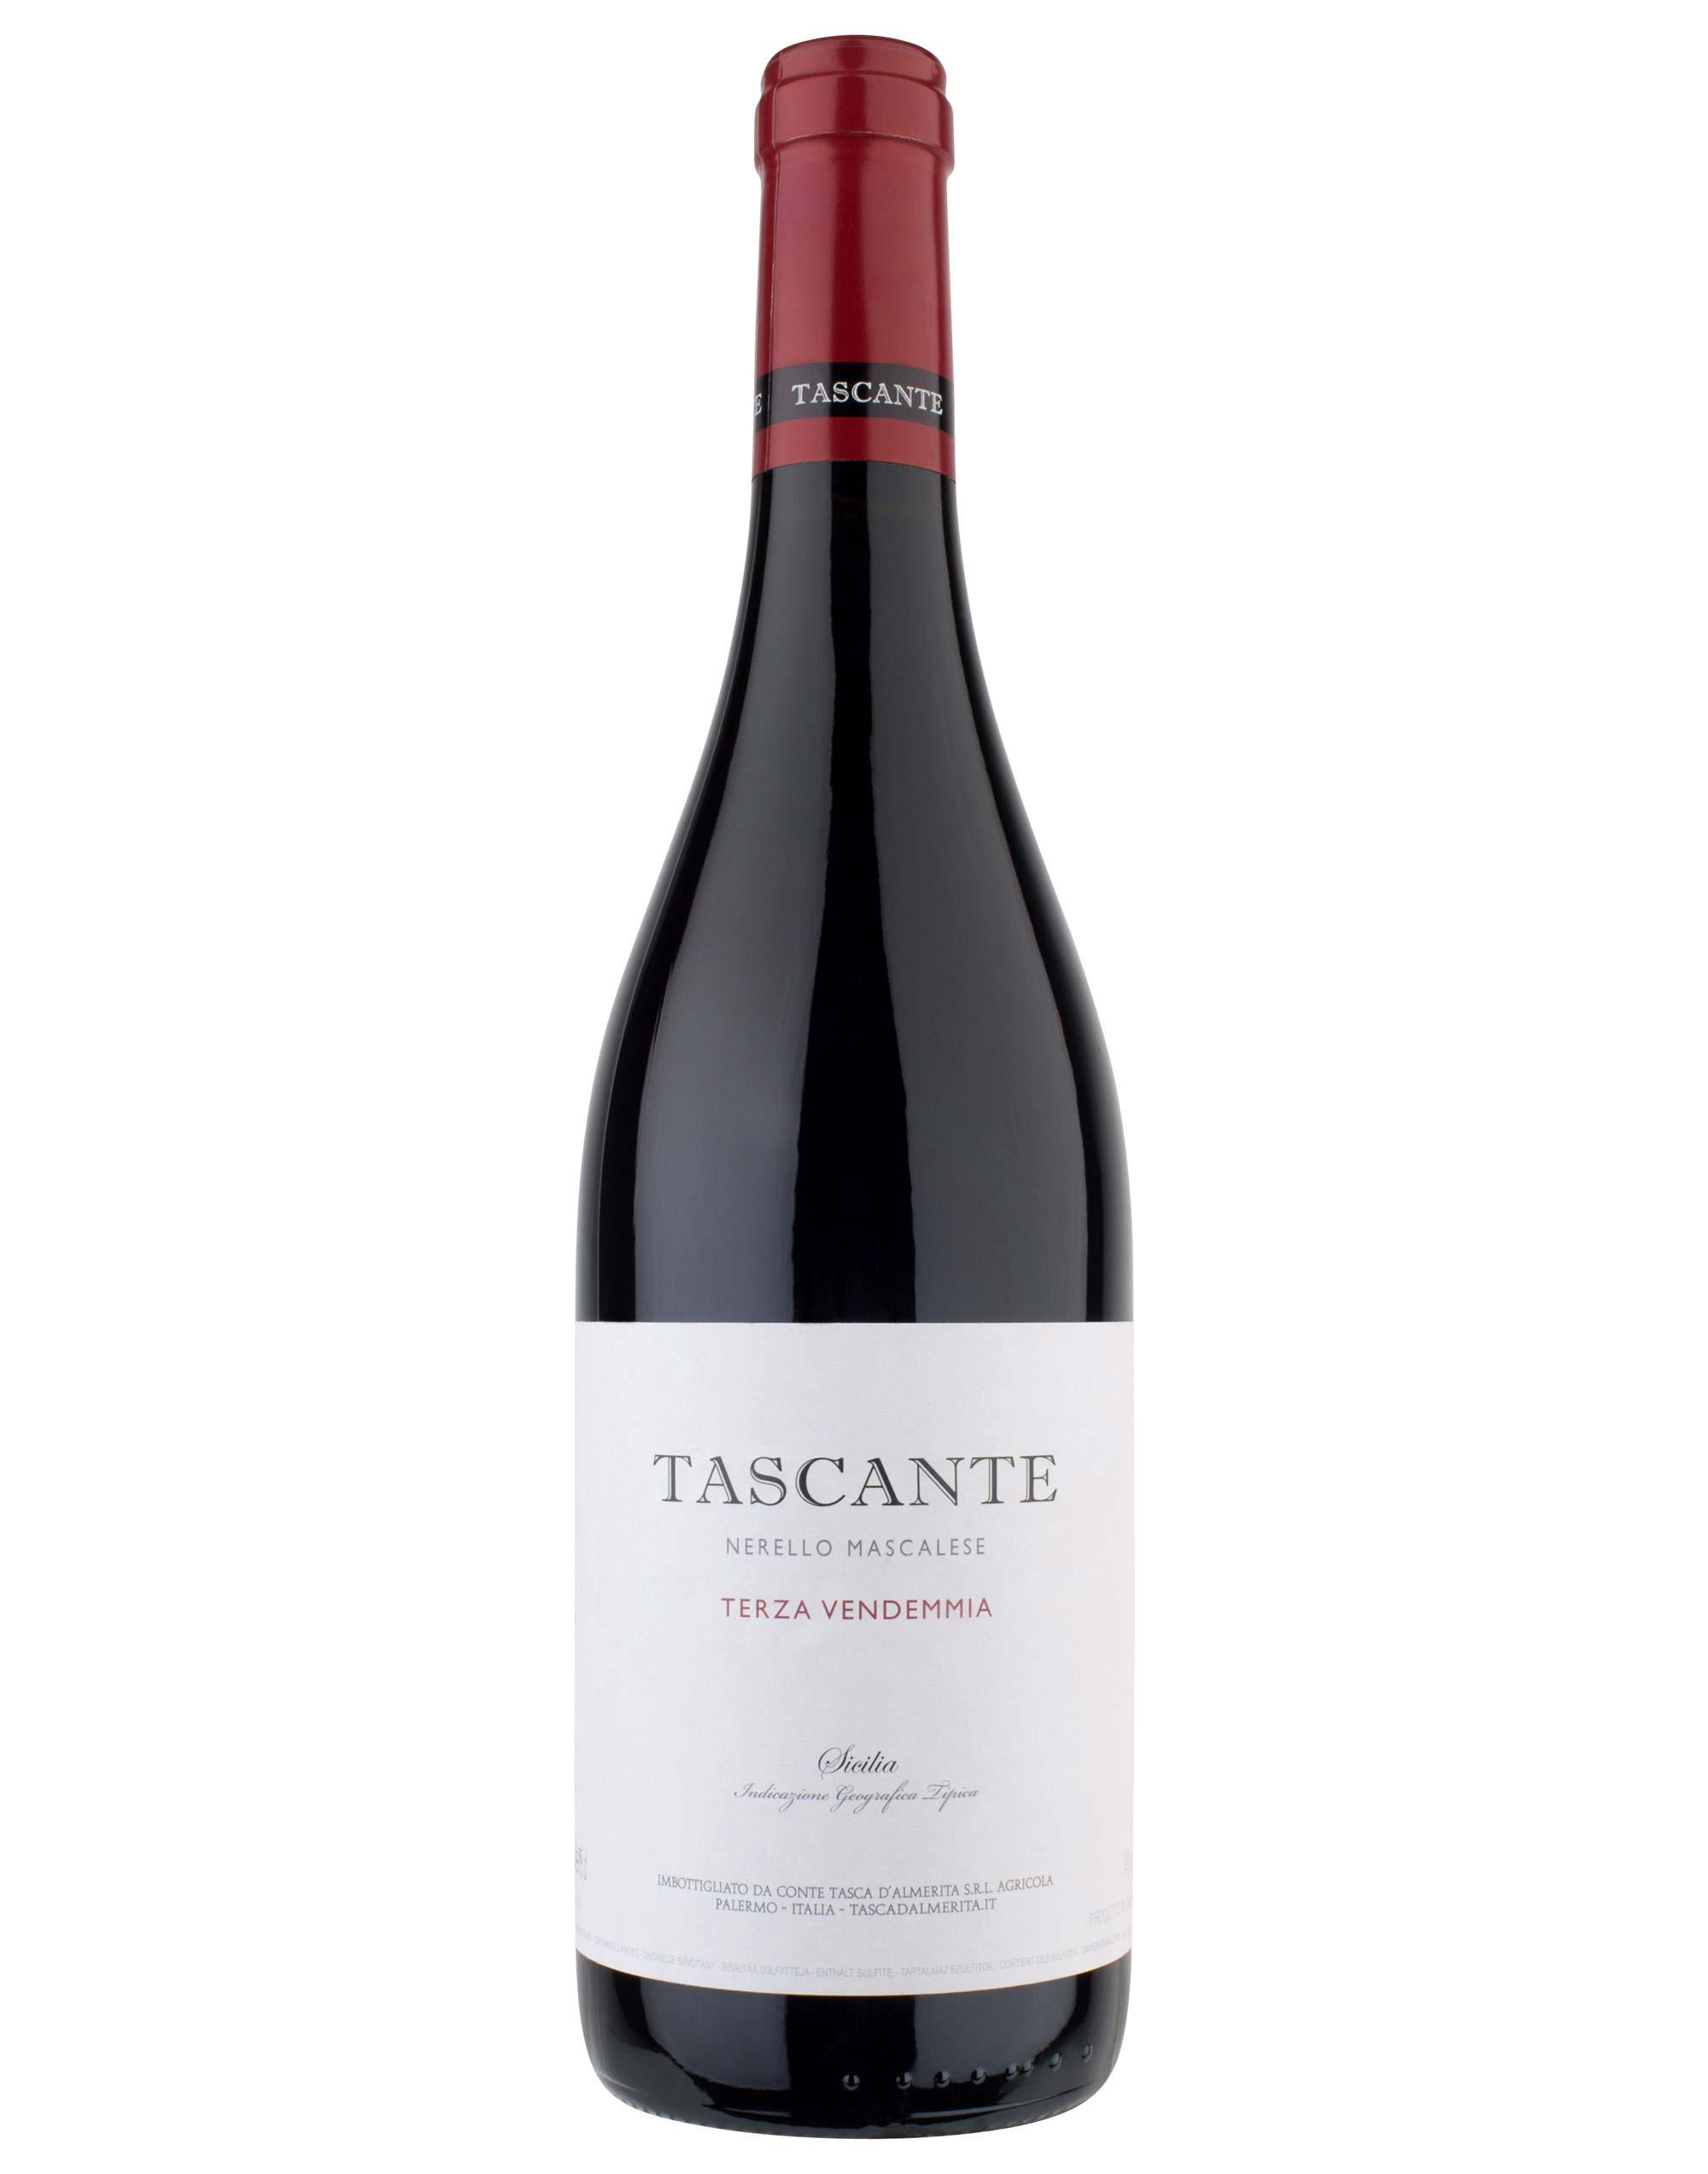 Tascante (2011) Tasca dAlmerita